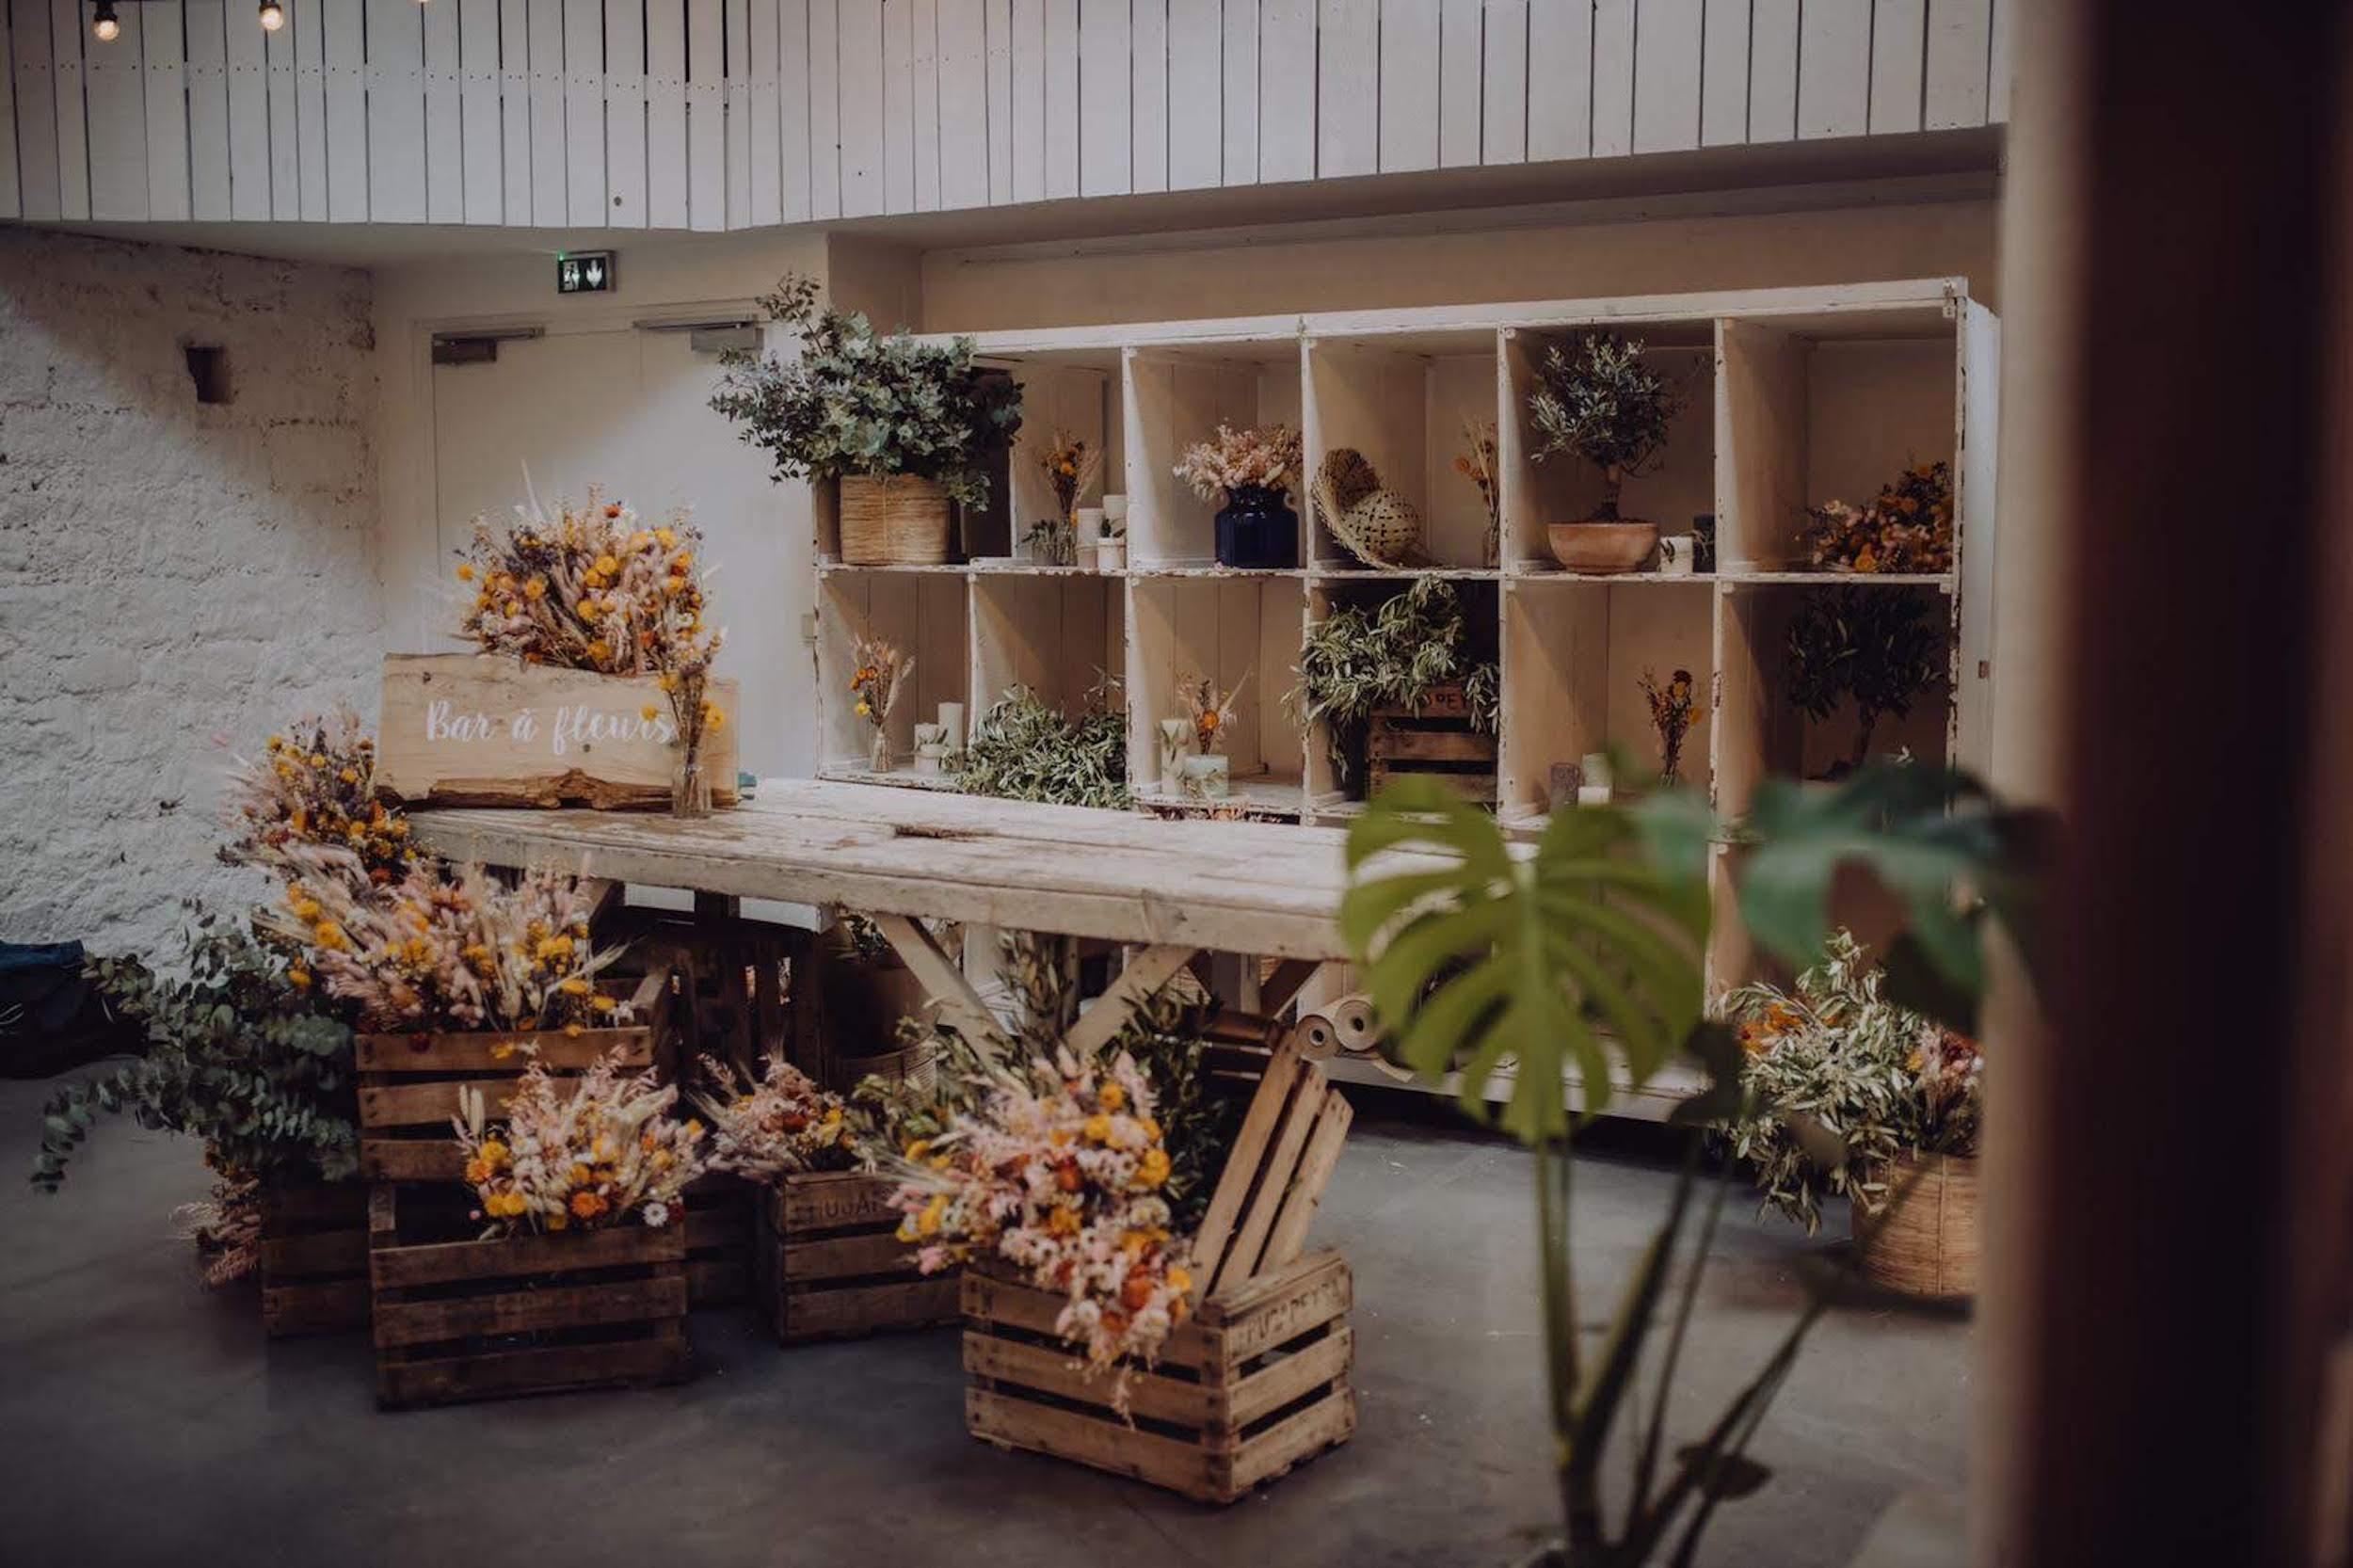 refletfleurs-fleuriste-scenographie-lancement-produit-conference-presse-mise-en-scene-marche-provencal-paris-27